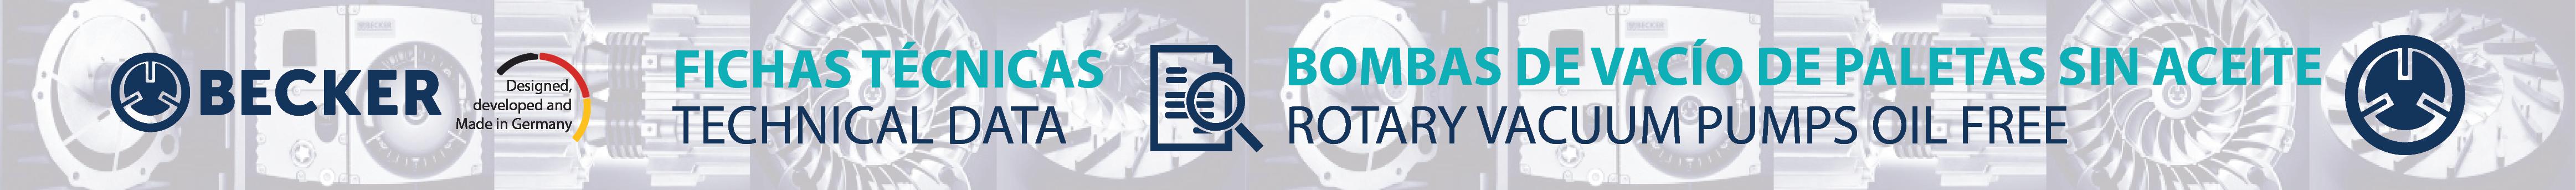 BANNER BOMBAS DE VACIO DE PALETAS EN SECO